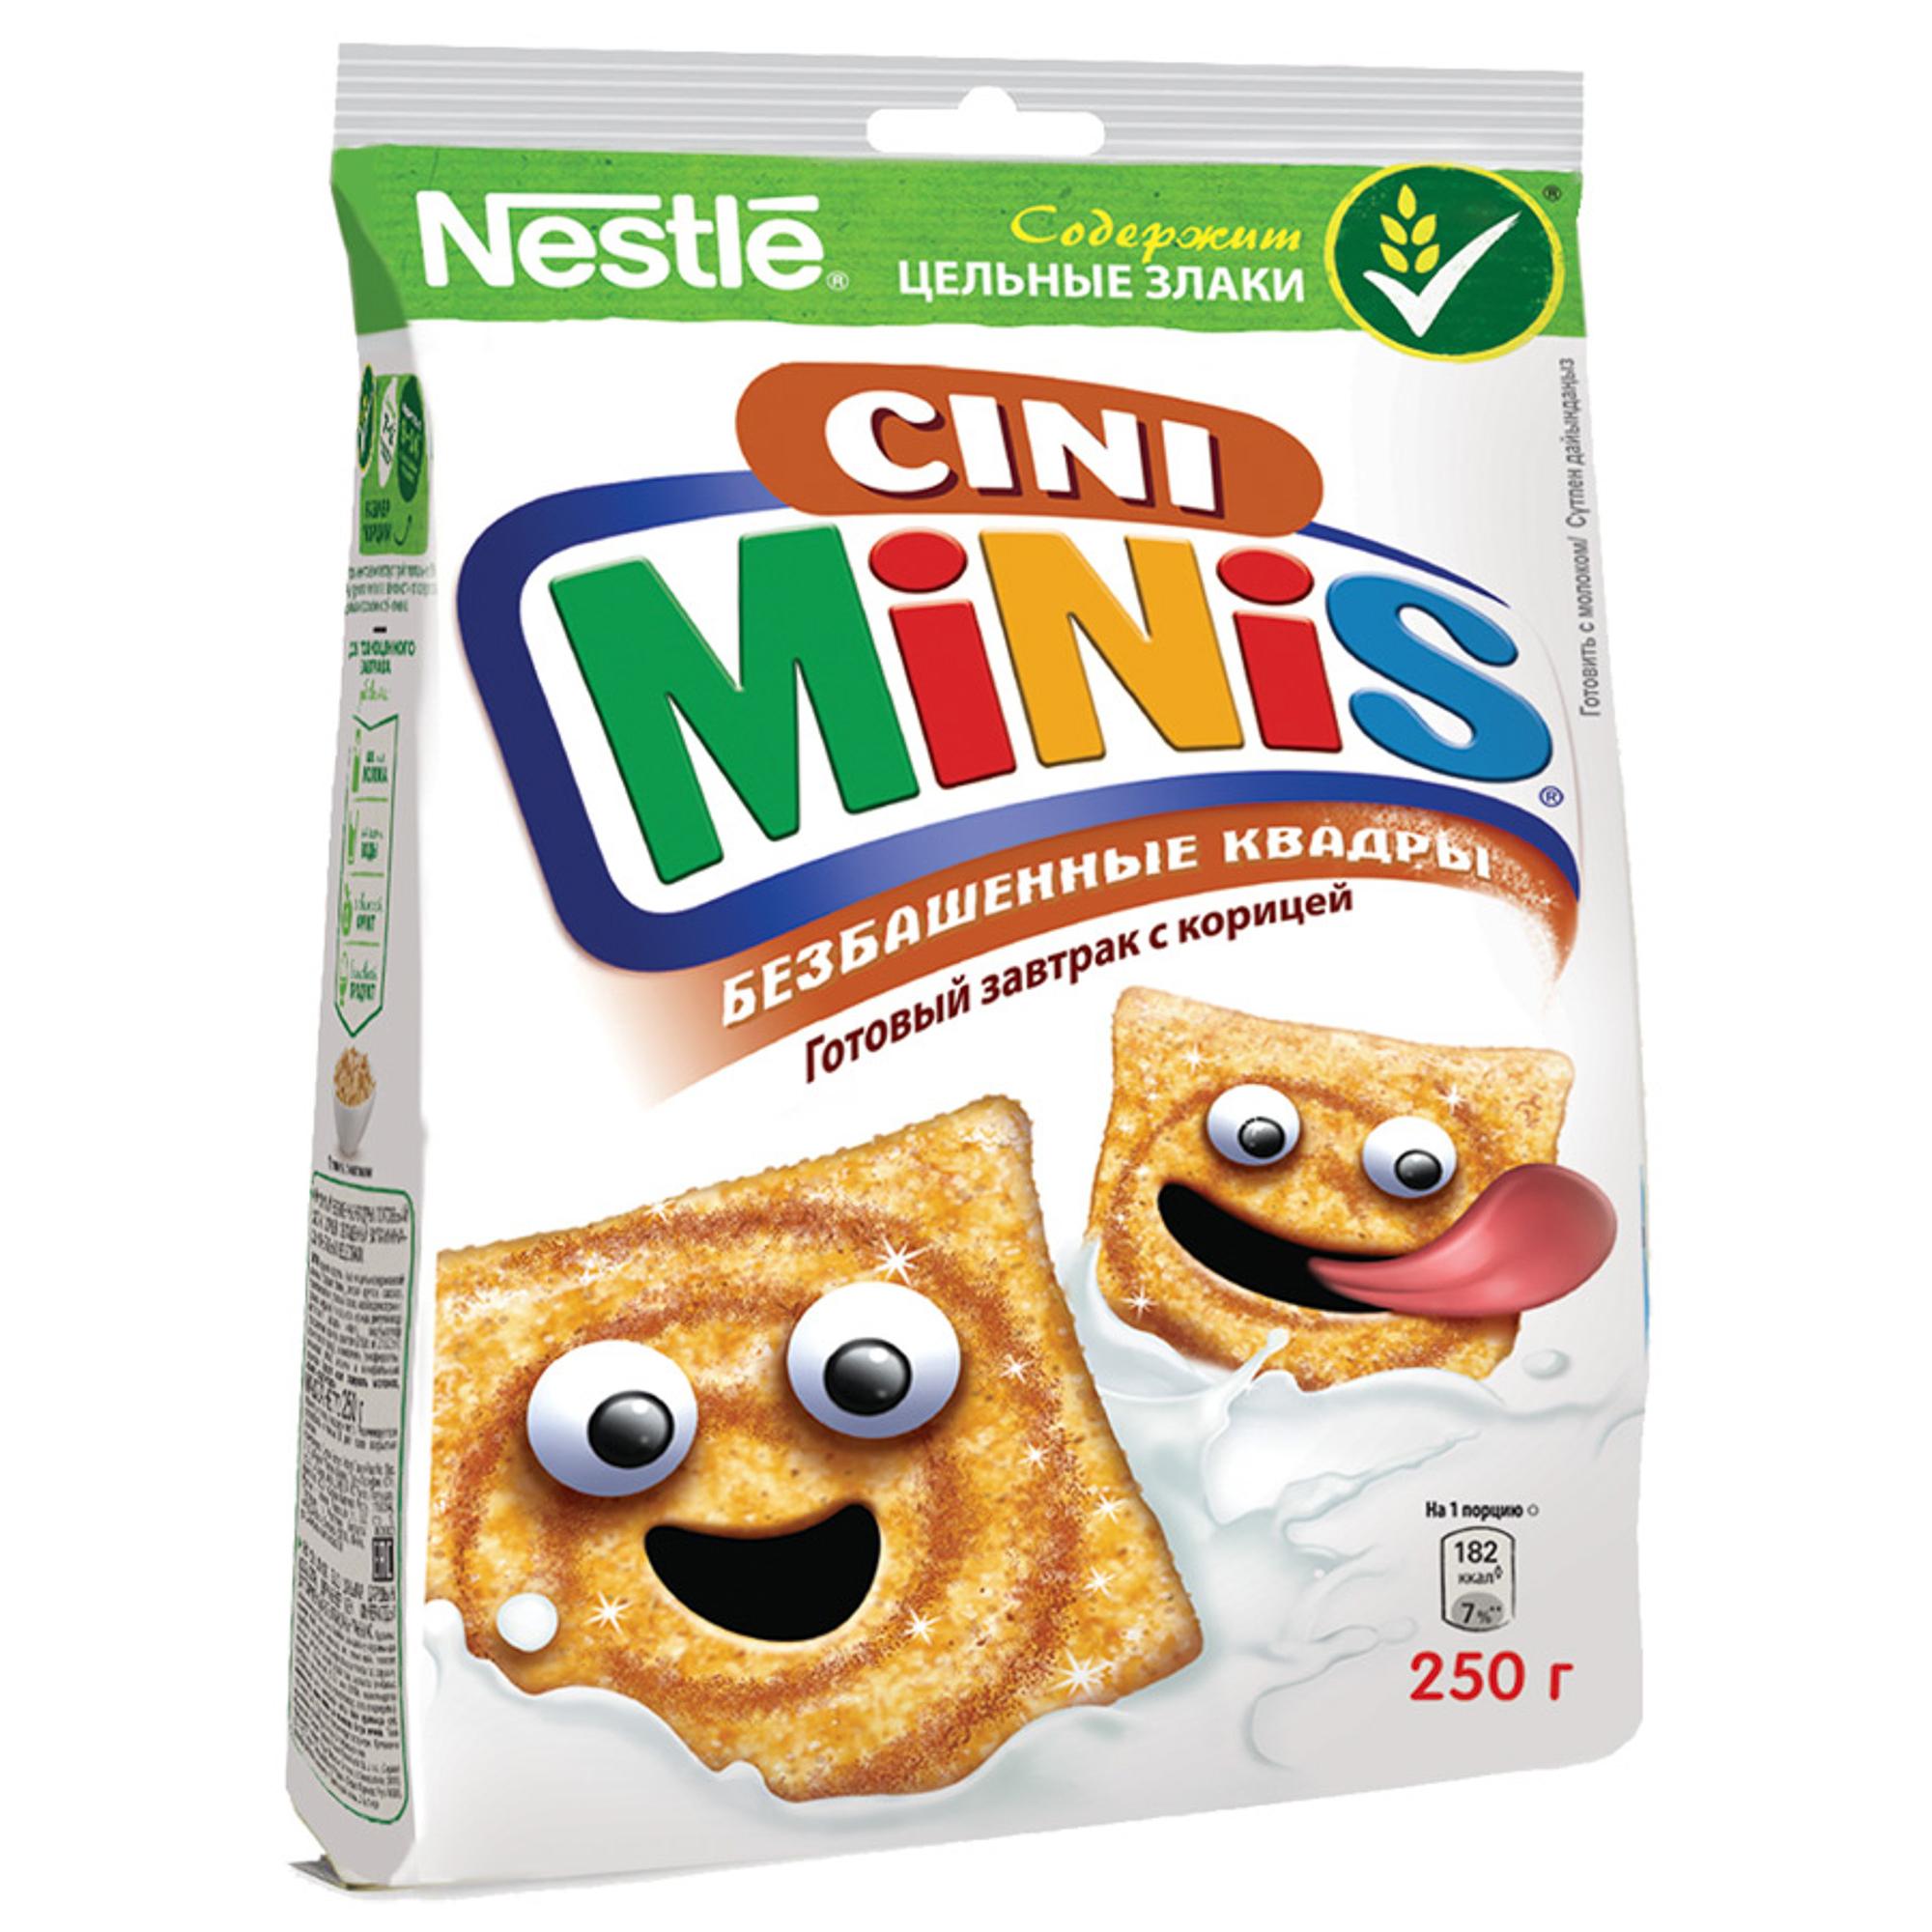 Готовый завтрак Cini Minis Безбашенные квадры с корицей 250 г недорого